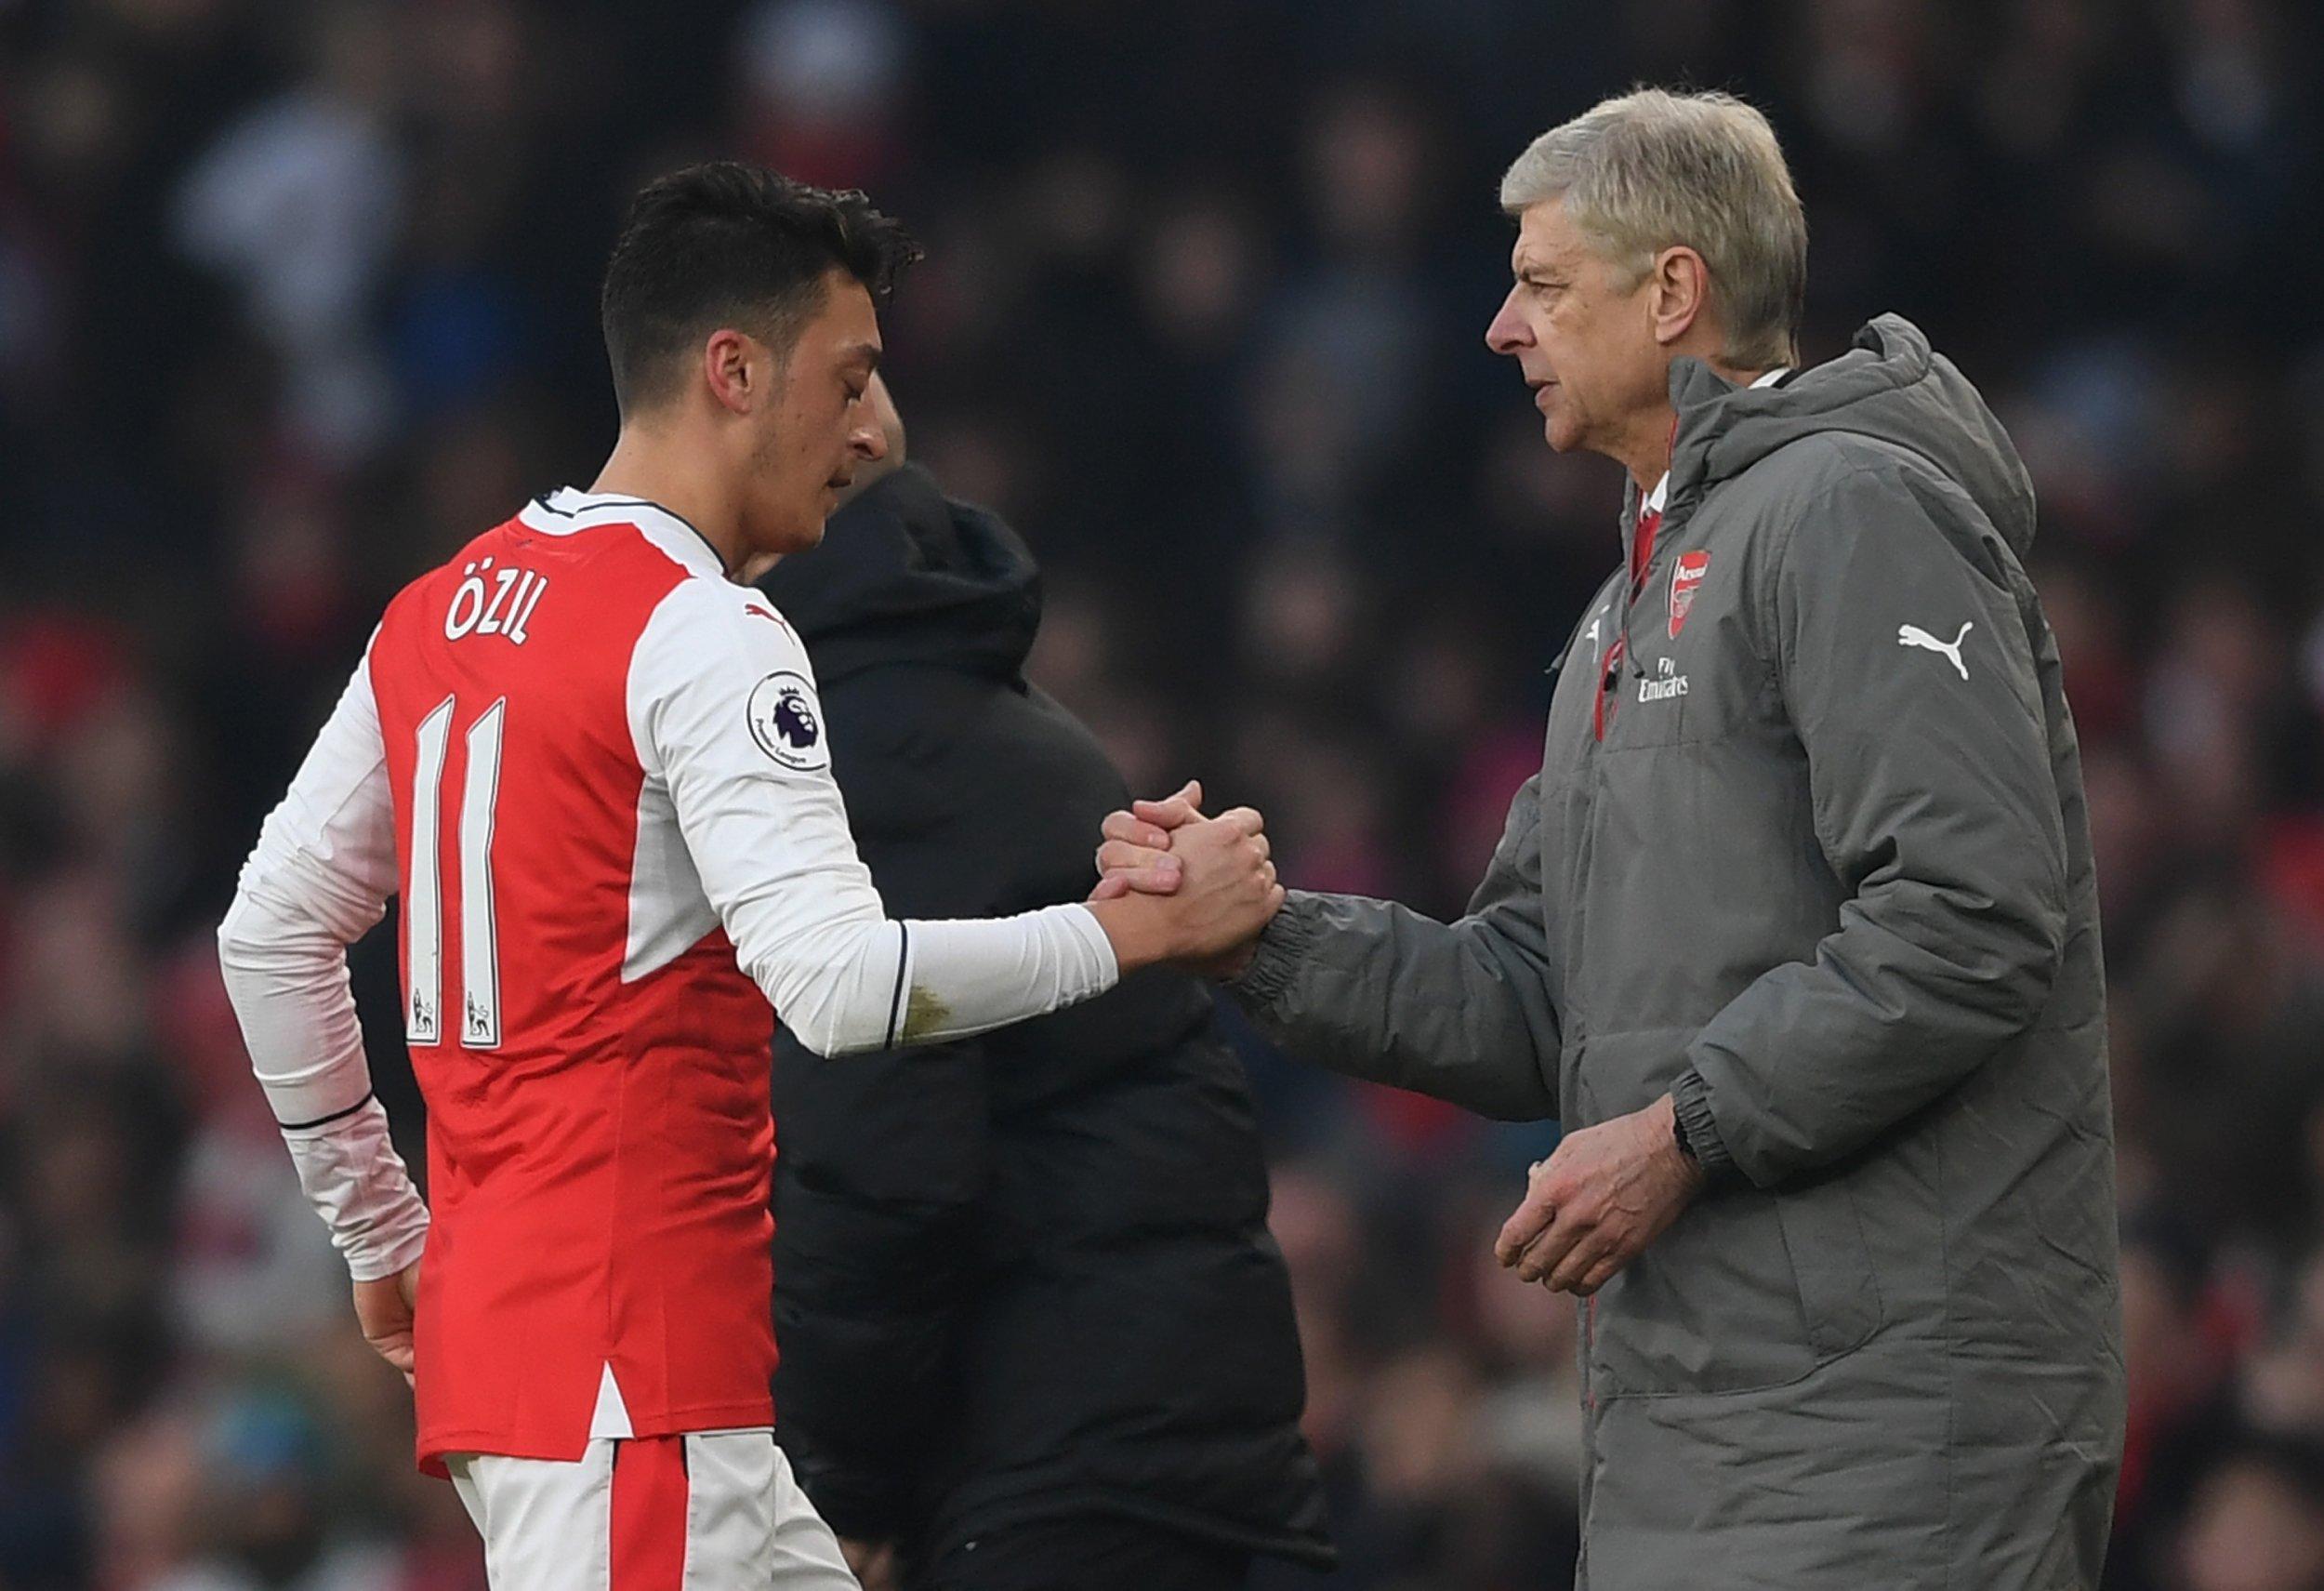 Arsenal star Mesut Ozil, left, with manager Arsene Wenger.